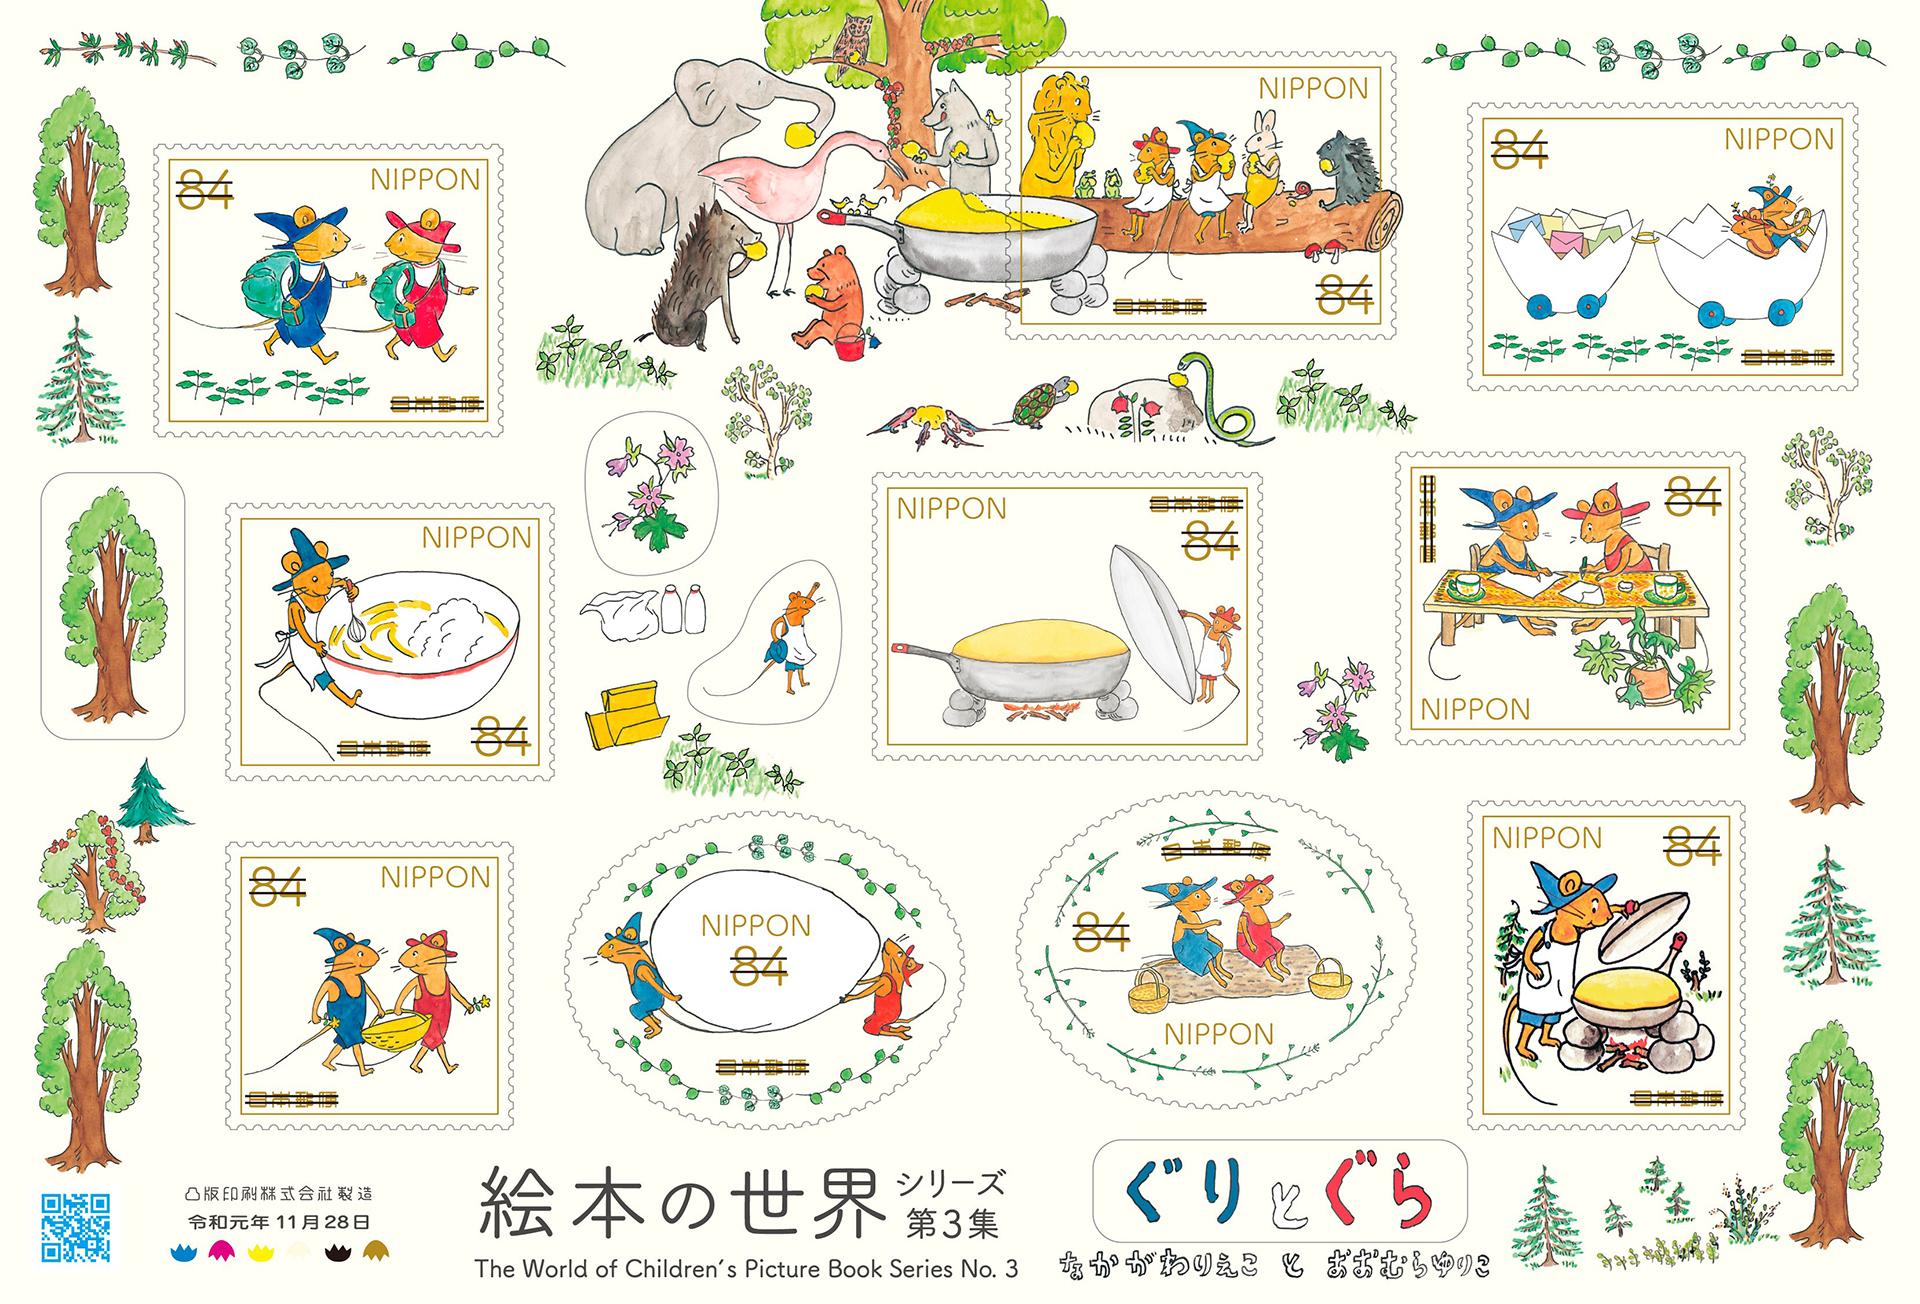 特殊切手「絵本の世界シリーズ第3集 ぐりとぐら」発行記念イベント